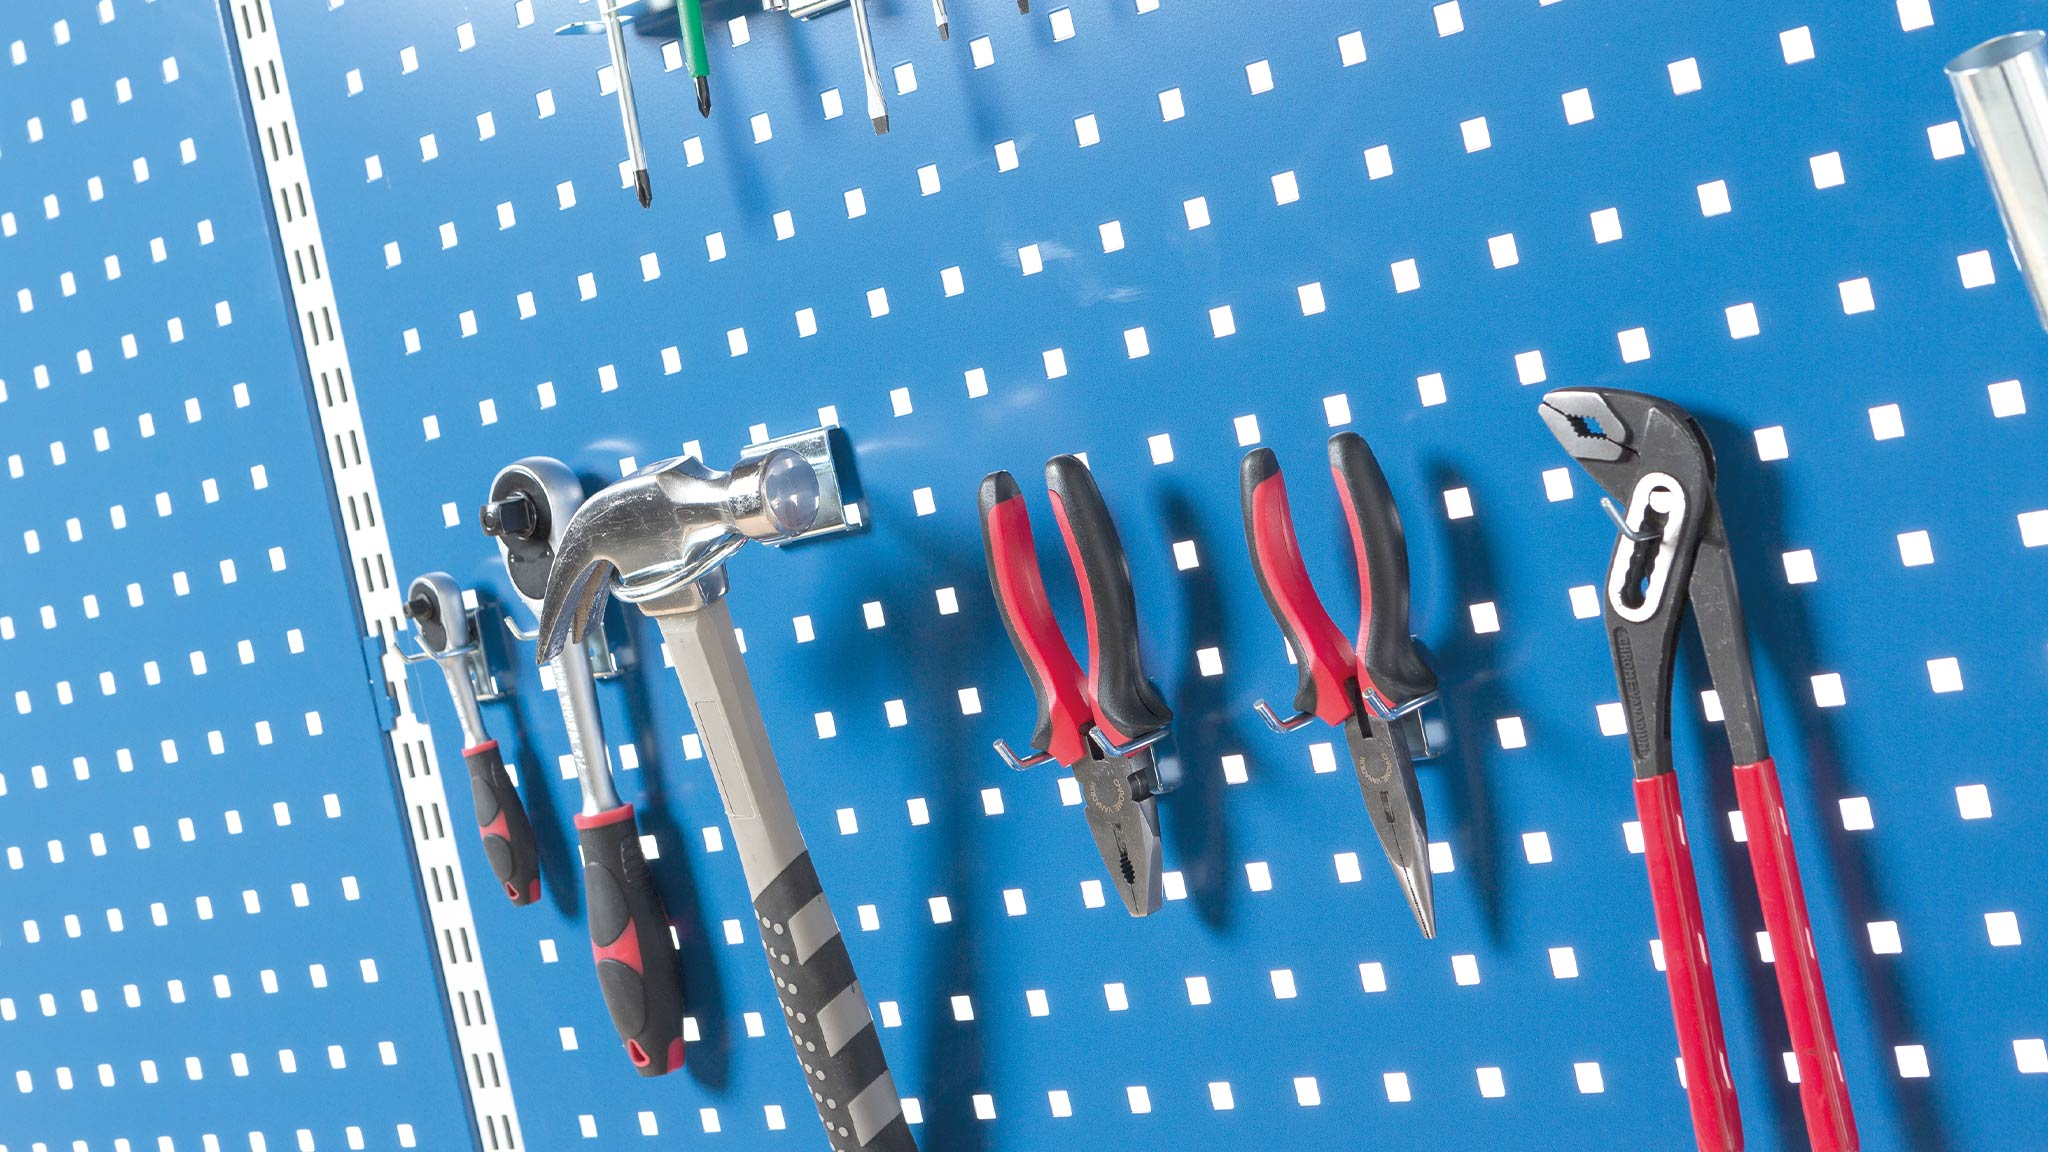 Reikälevyt ja työkalukoukut